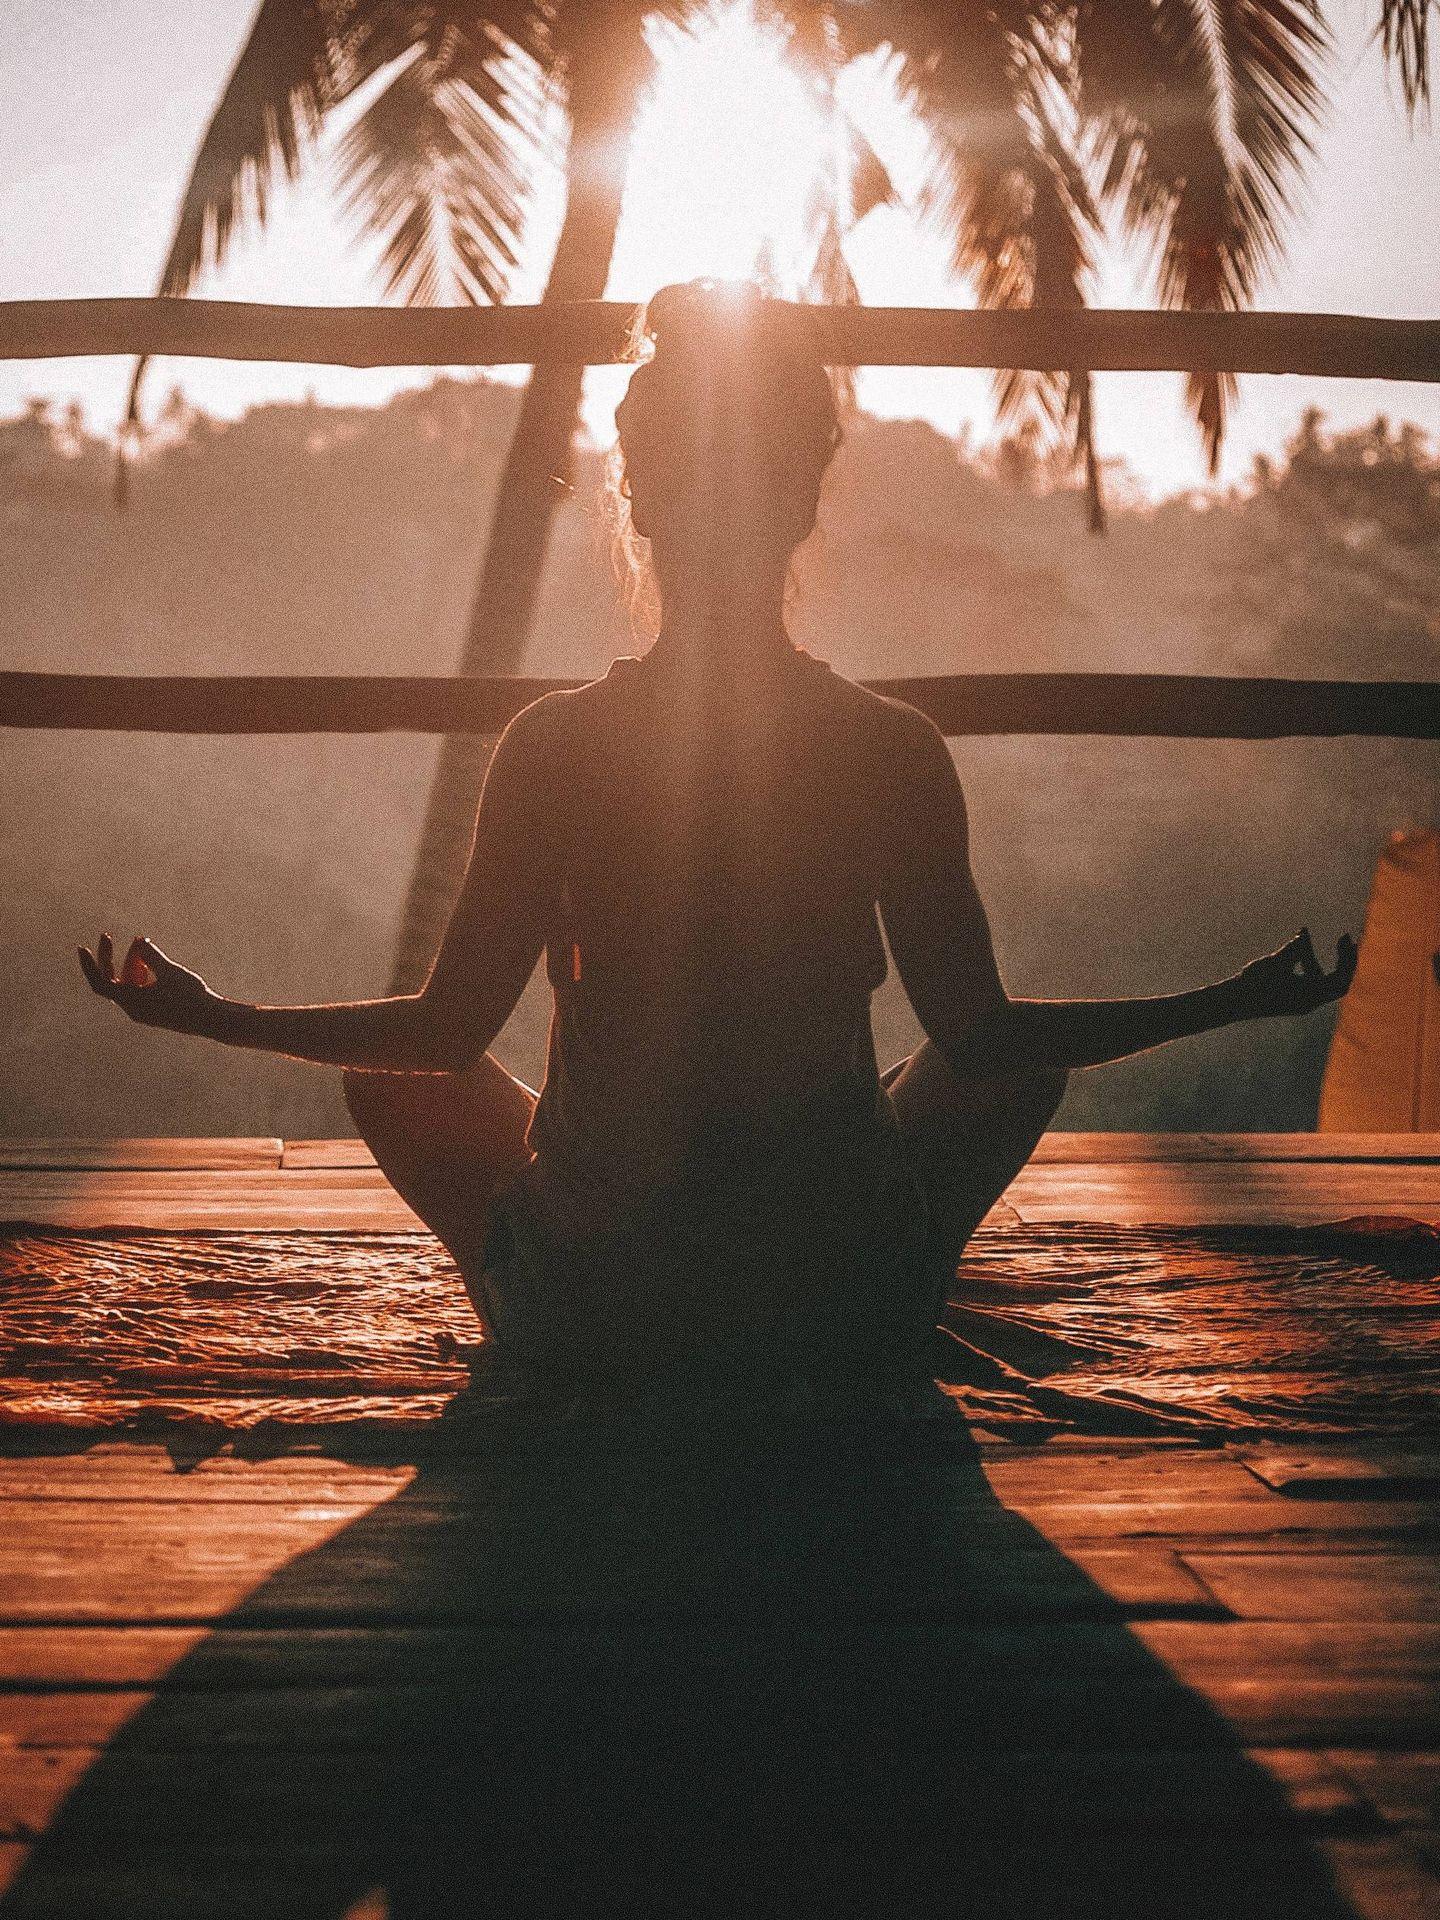 Tipos de meditación y para qué sirven. (Jared Rice para Unsplash)